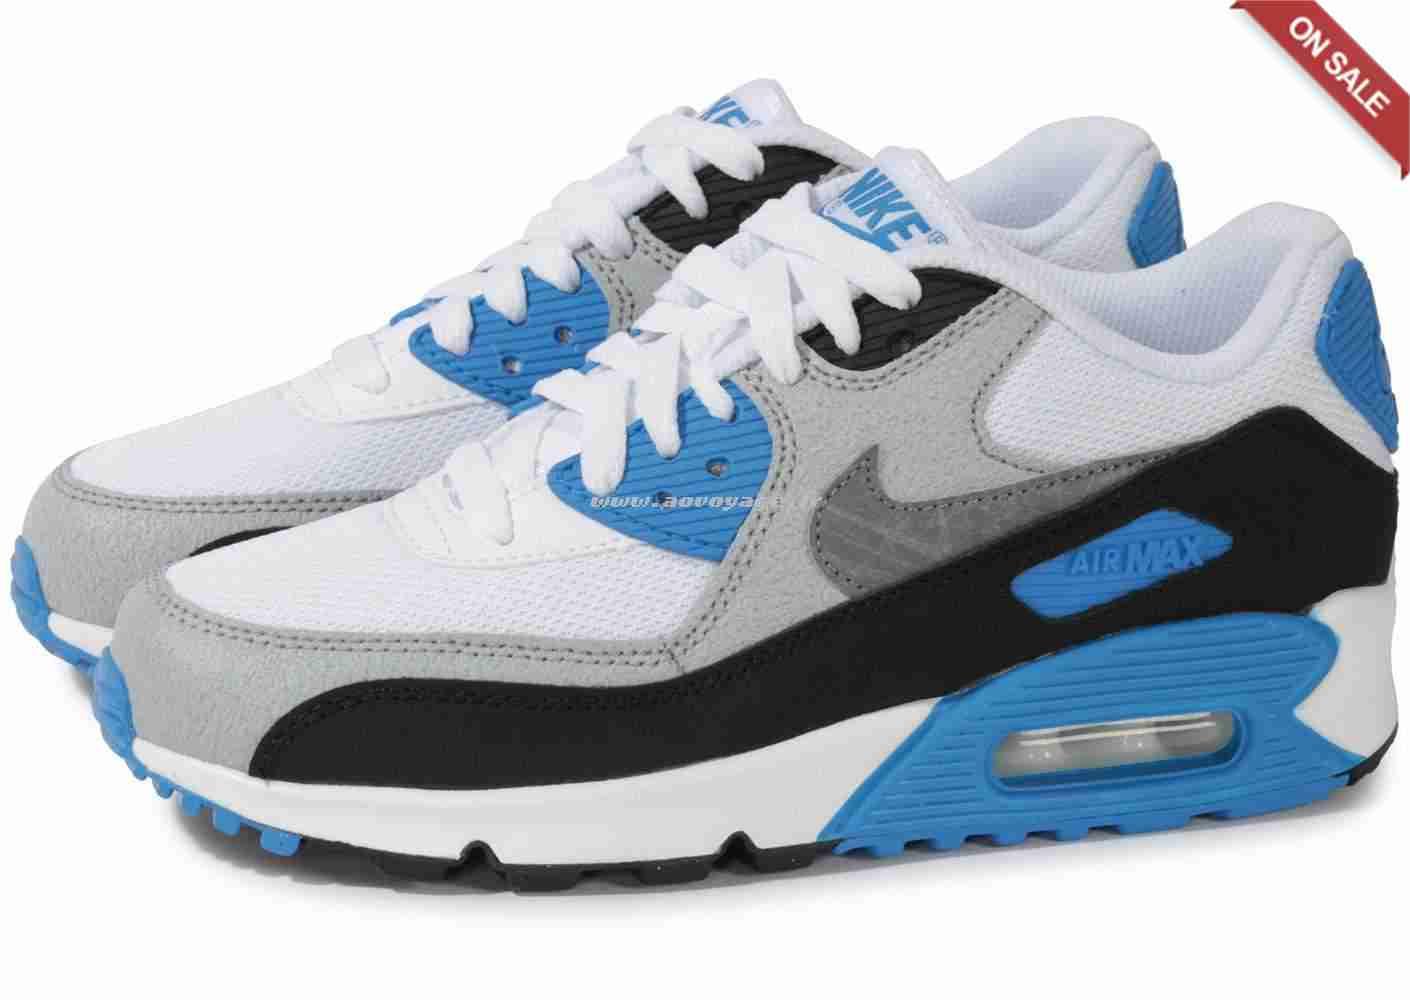 air max 90 bleu blanc